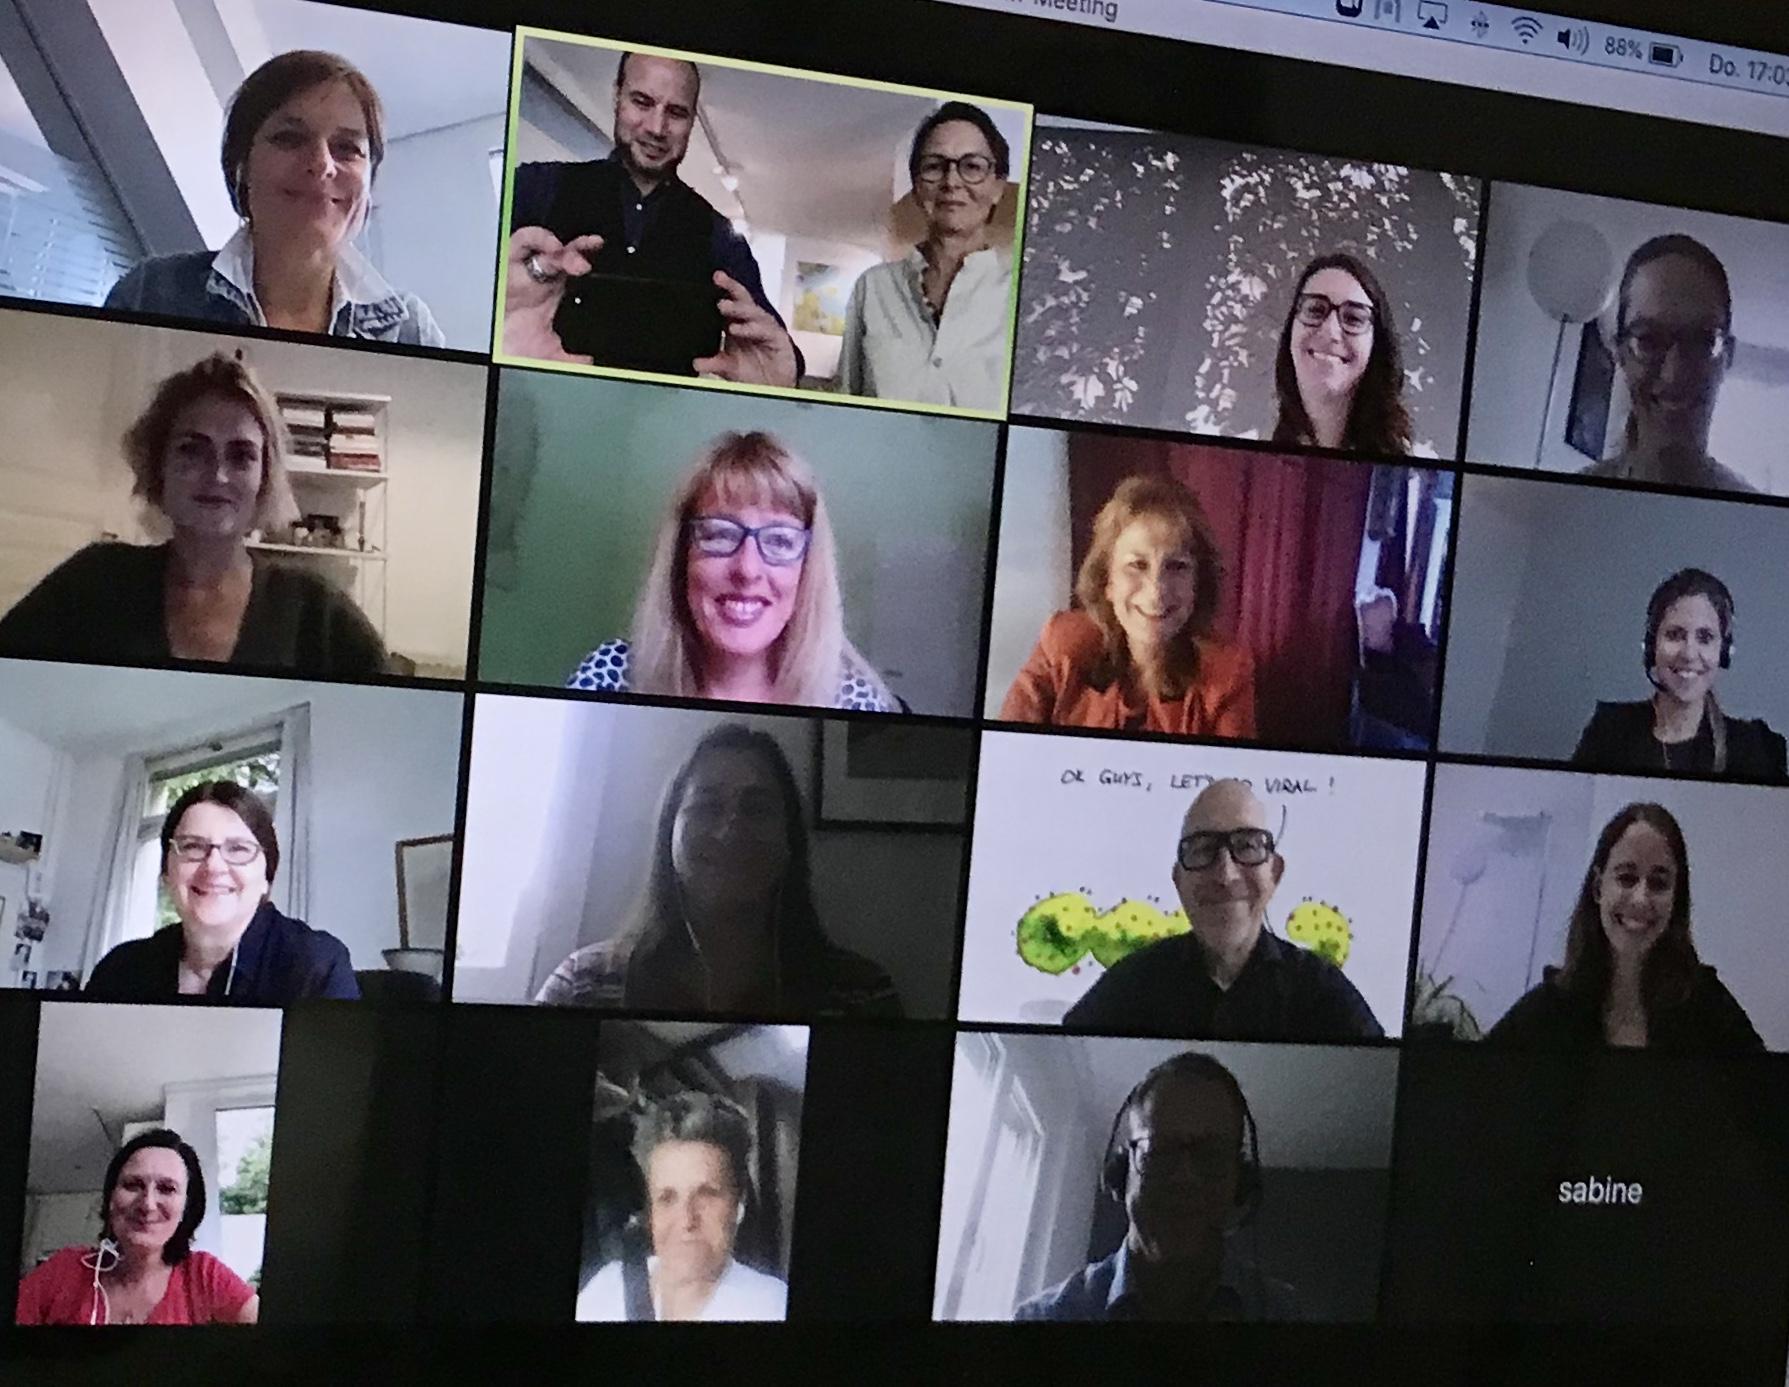 Virtuelle Premiere liefert klare Recruiting-Erkenntnisse